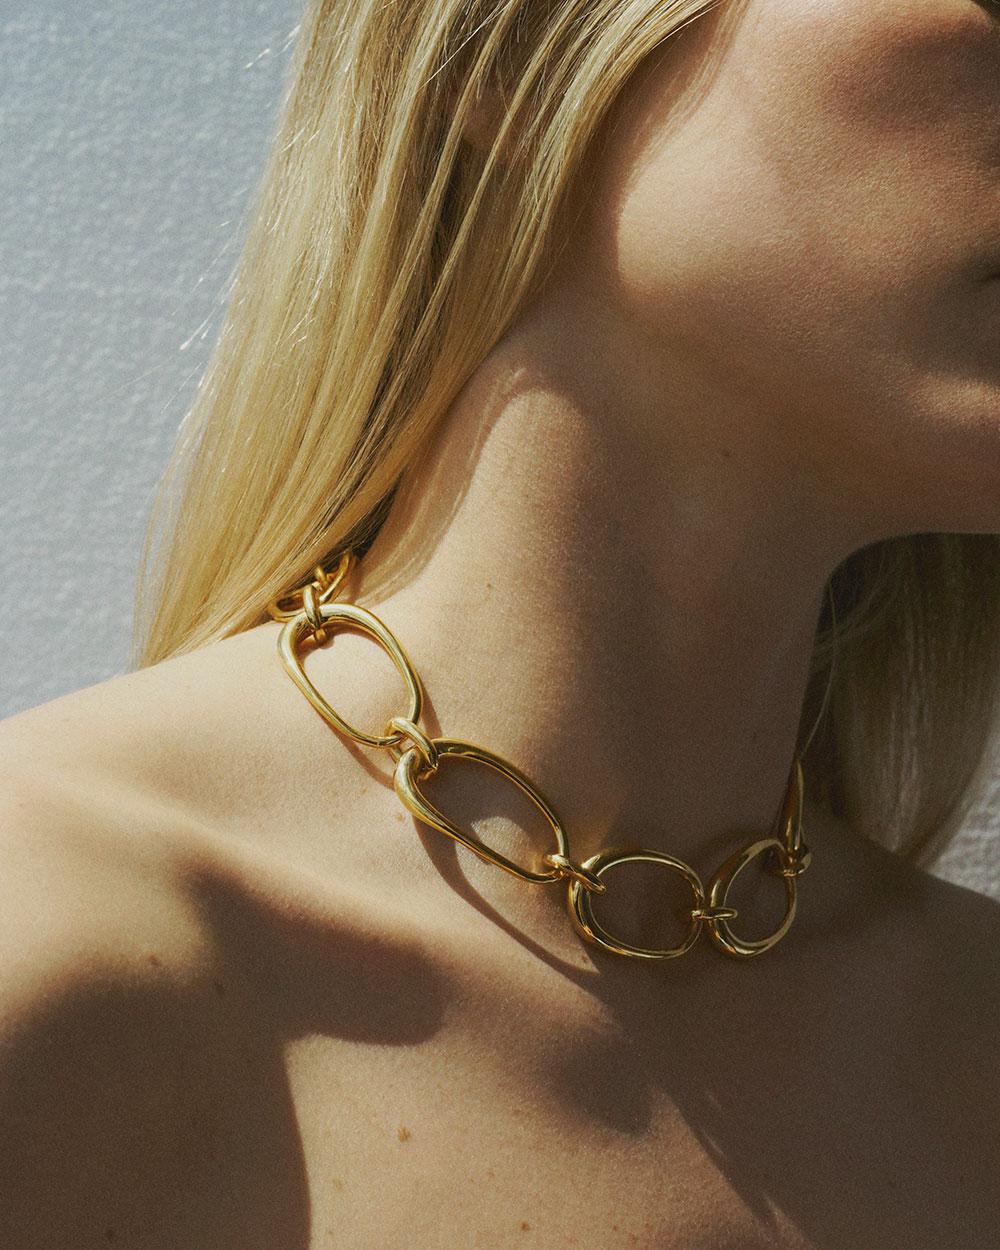 Les bijoux authentiques de Charlotte Chesnais